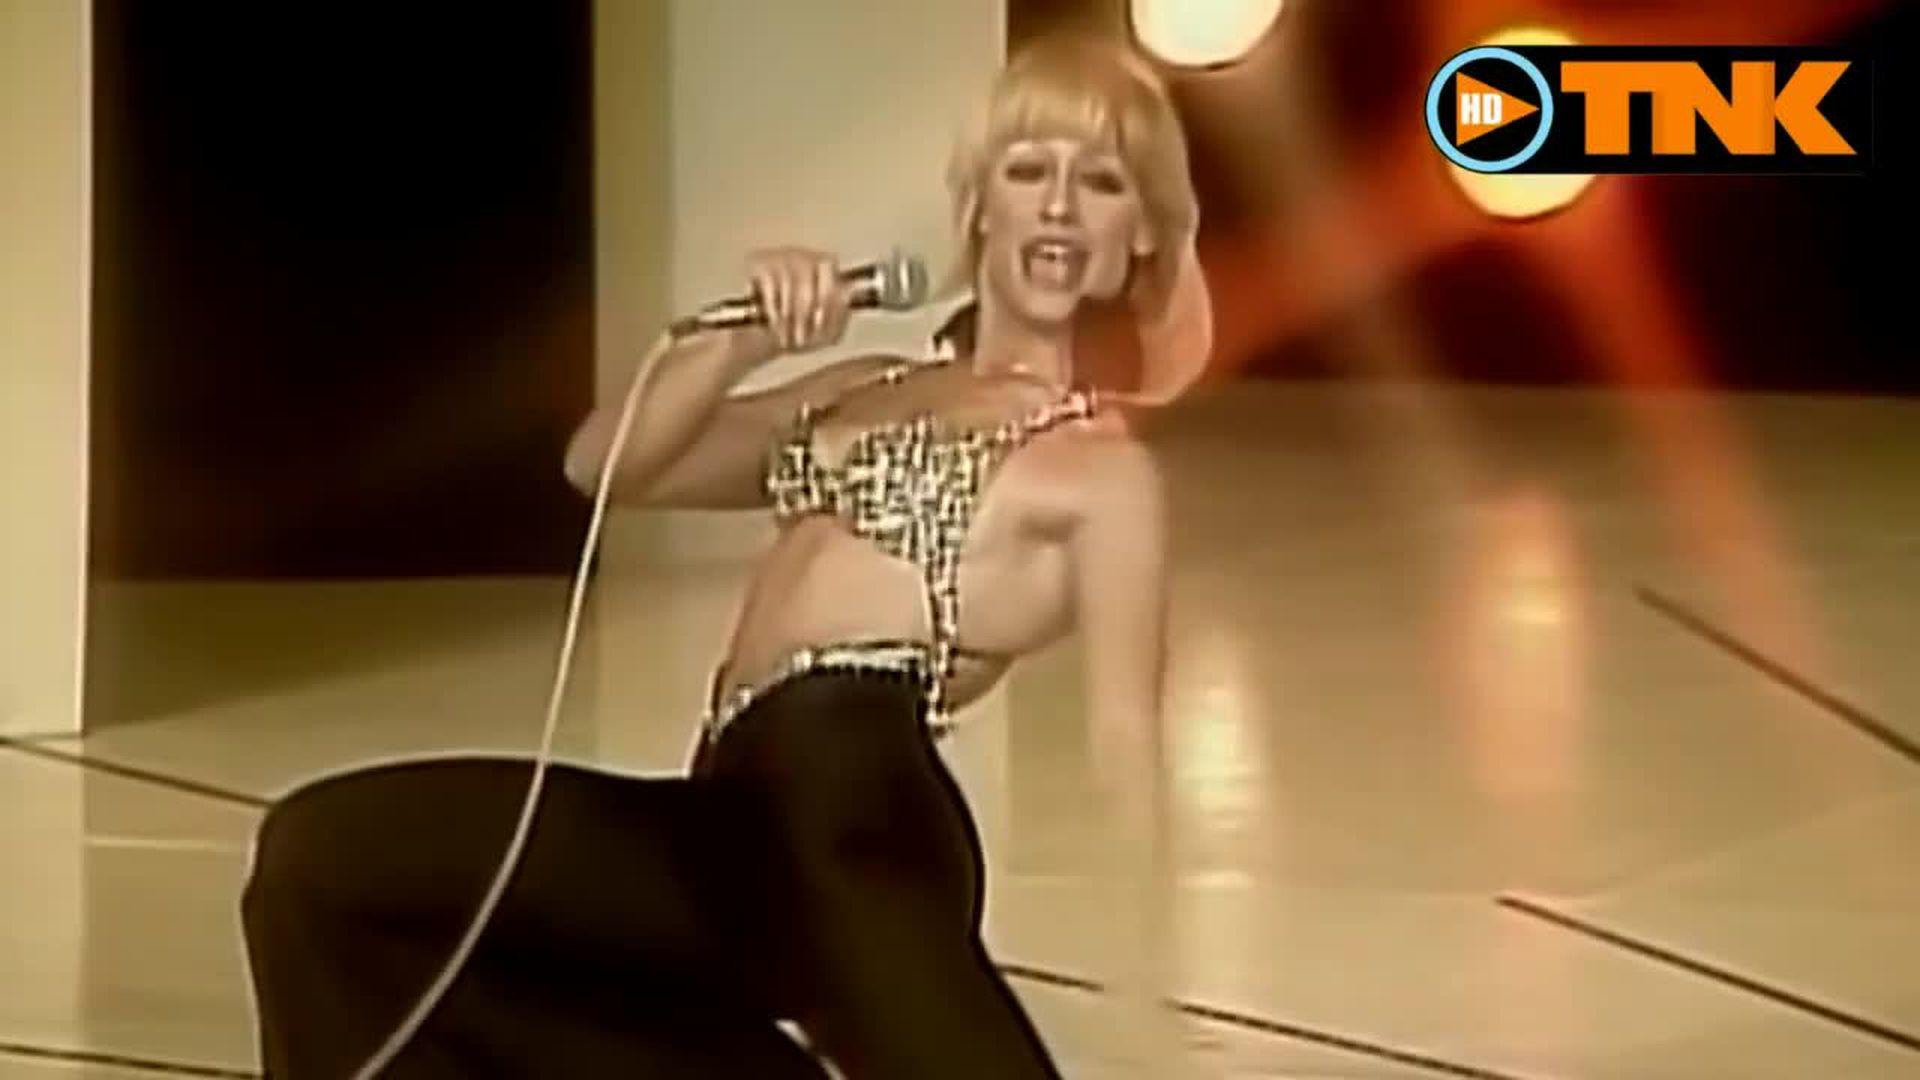 Desde sus inicios, Raffaella Carrà desplegó un estilo propio en el que contagiaba una sensualidad naif